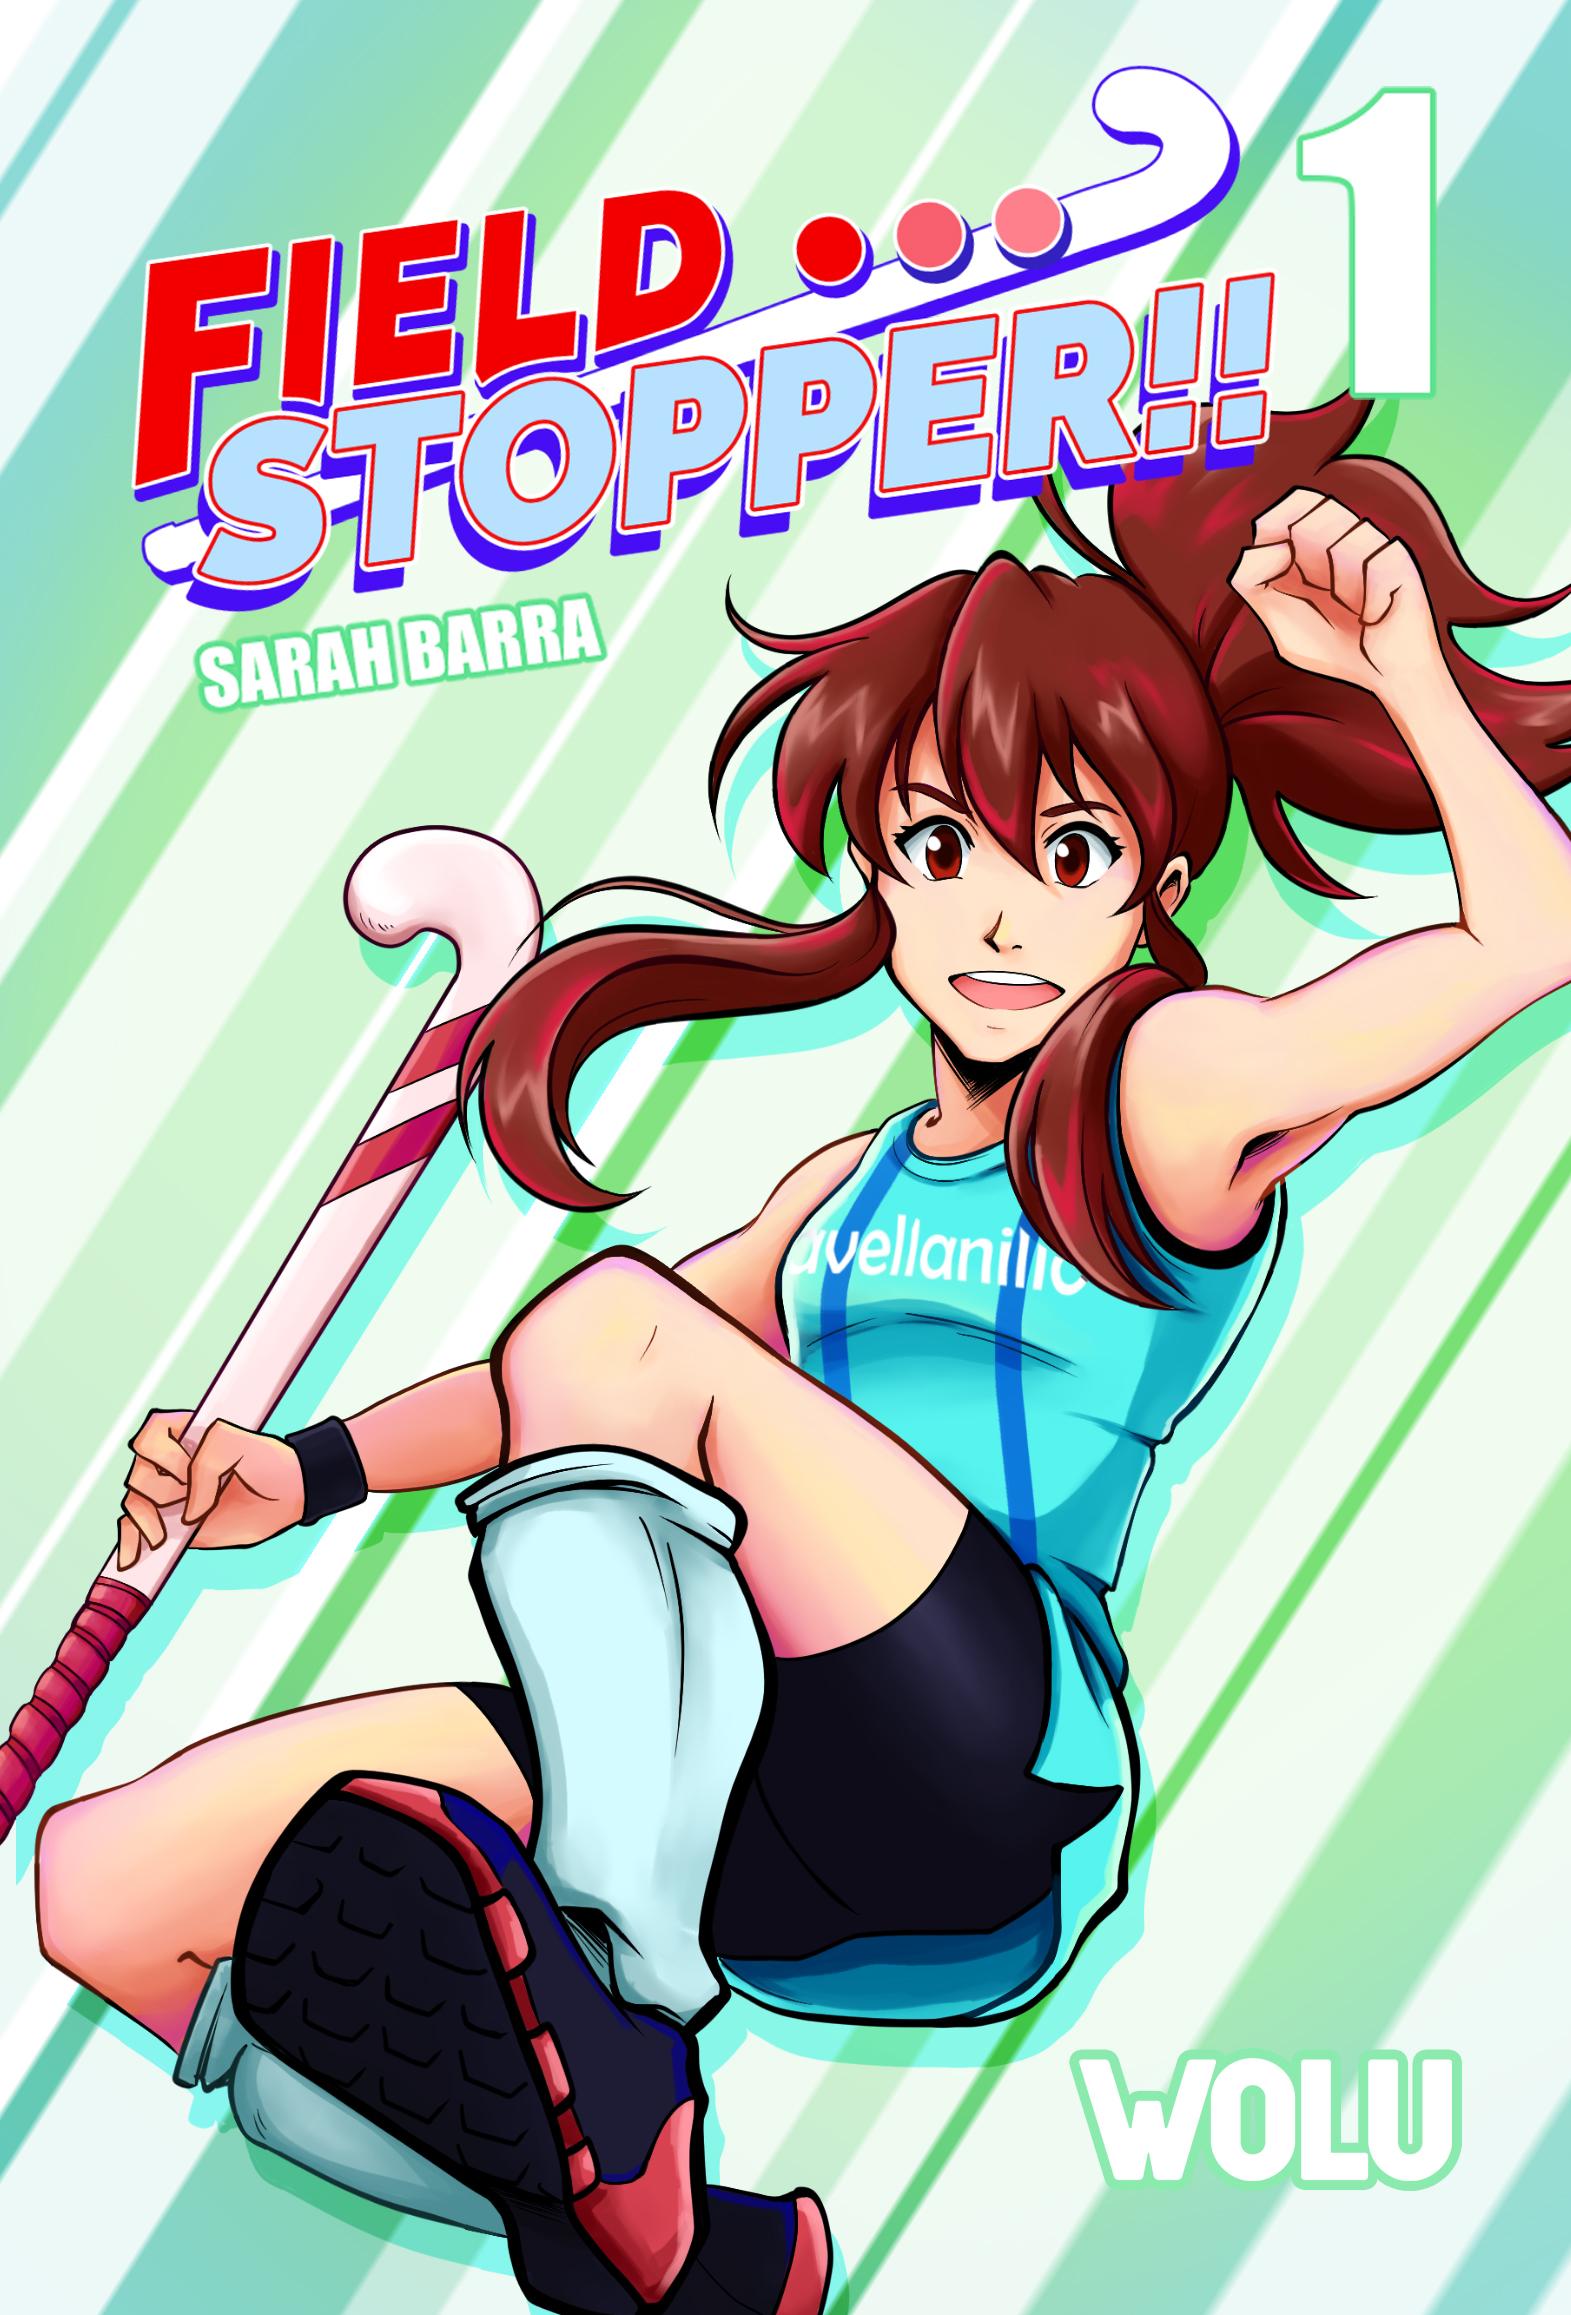 (PREVENTA) FIELD STOPPER!! #1